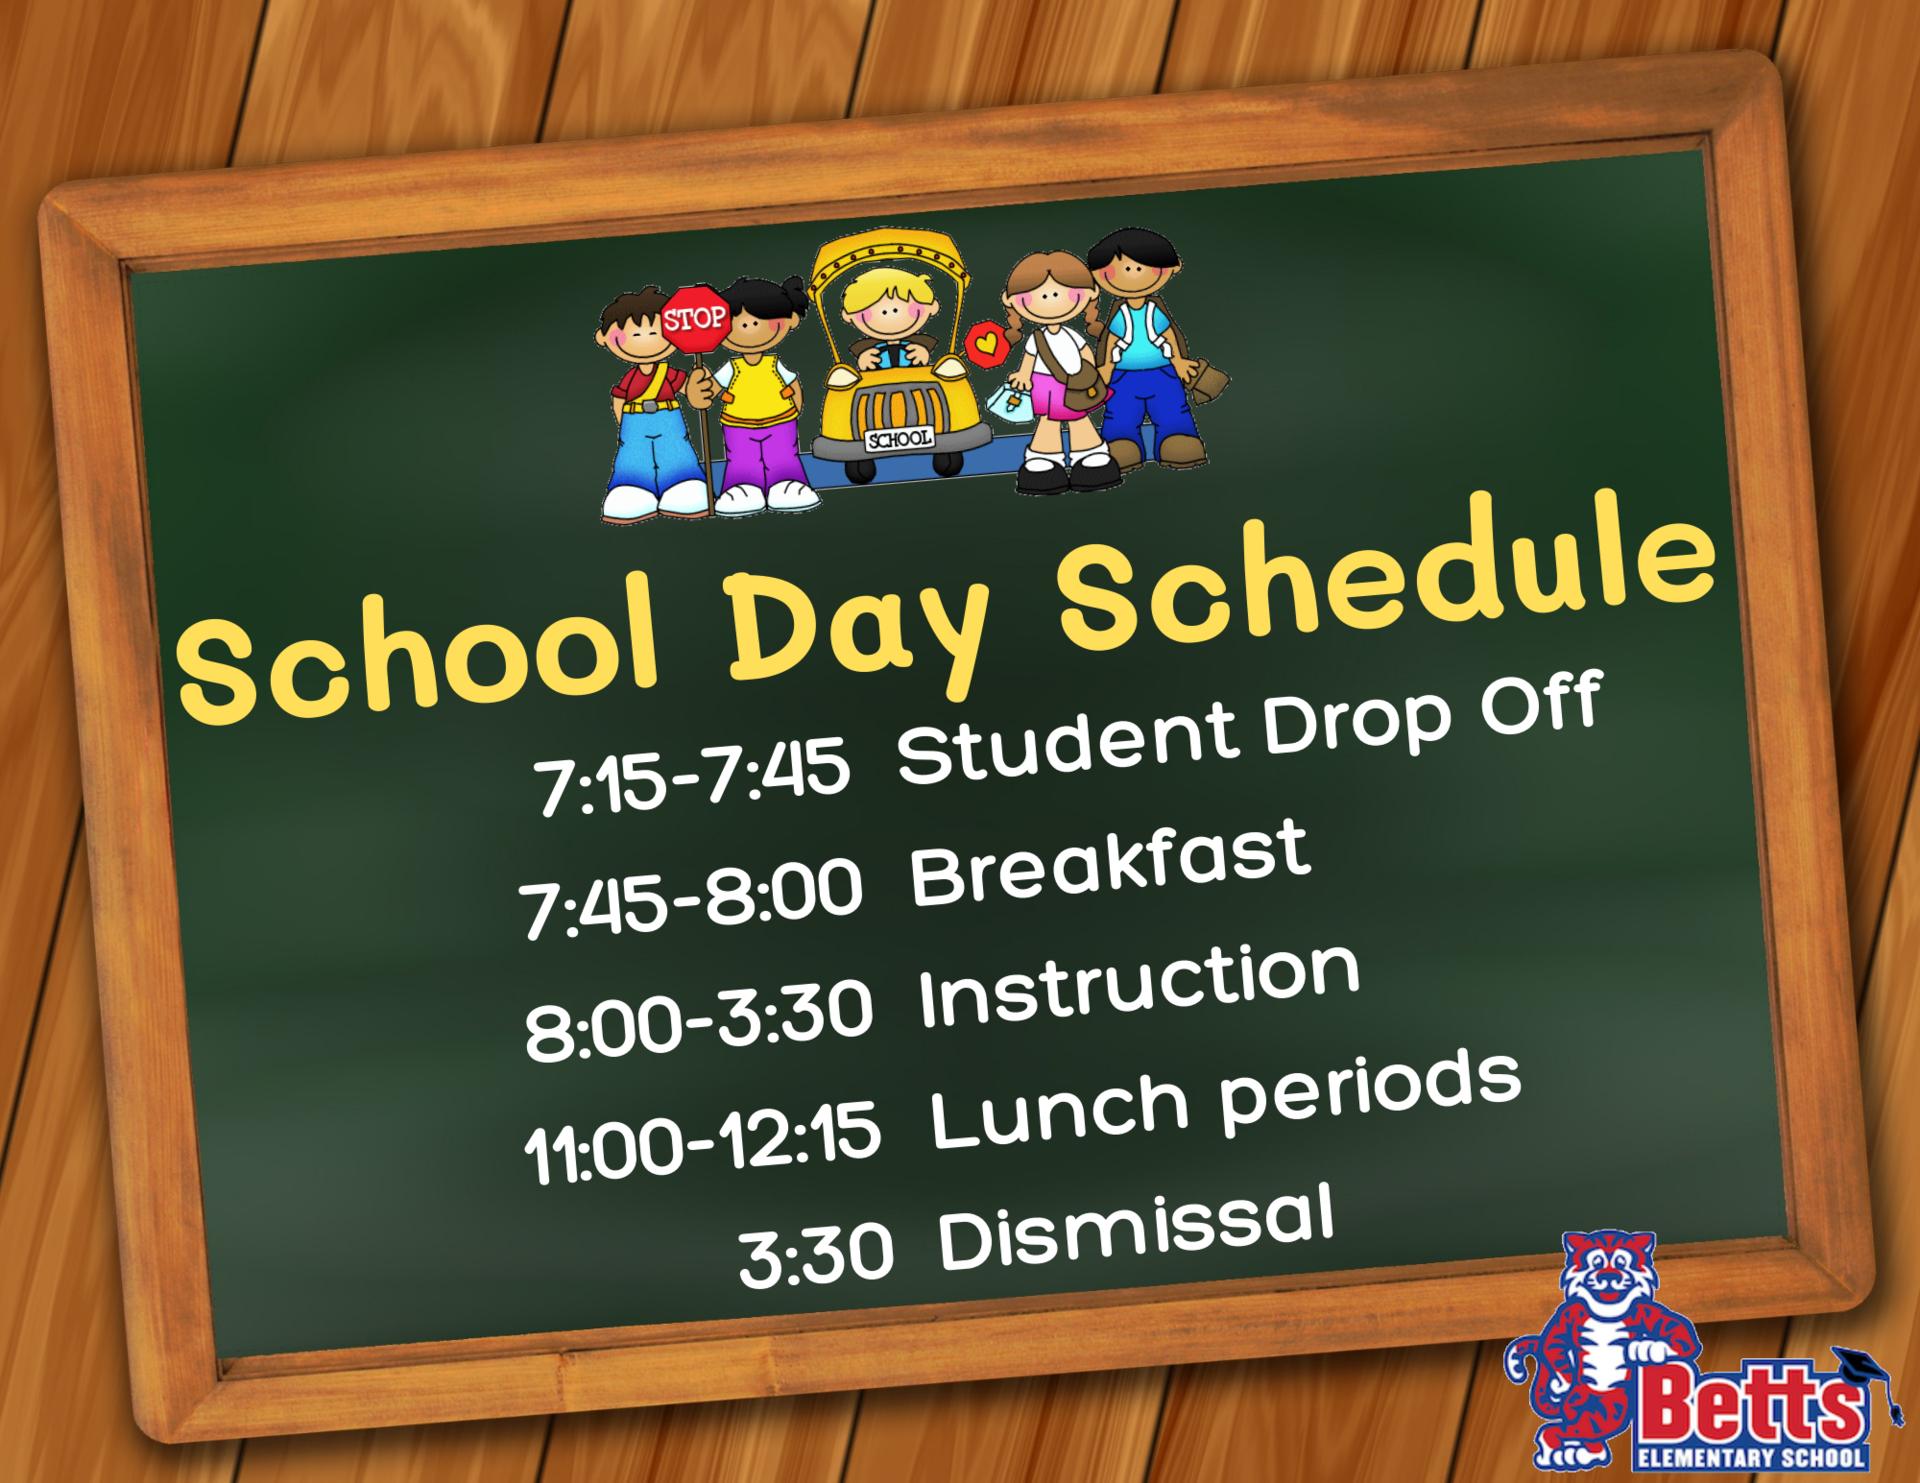 Image of Betts School Day schedule